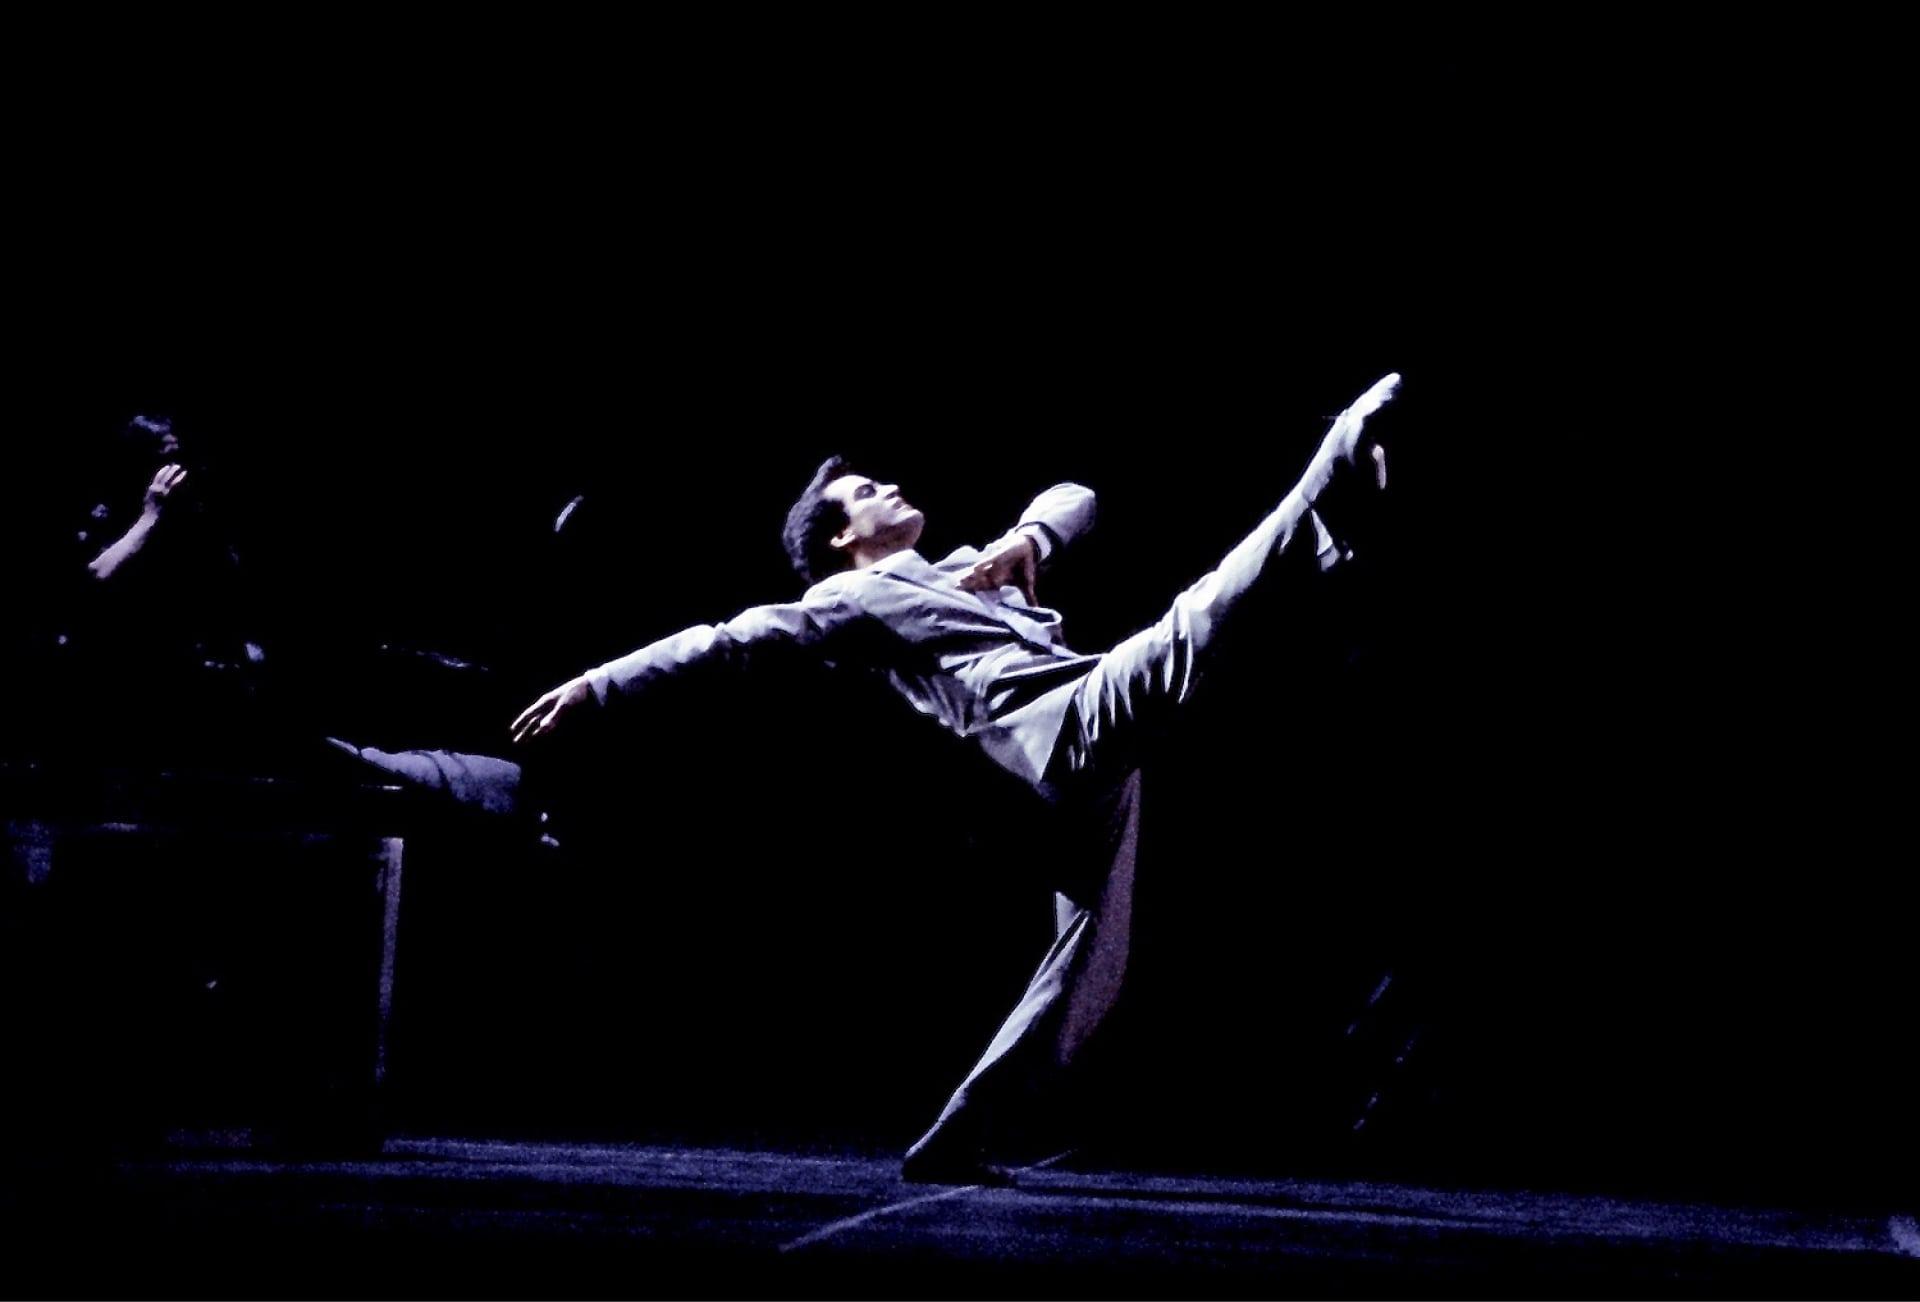 Dancer in white suit struts leg extended against dark background.